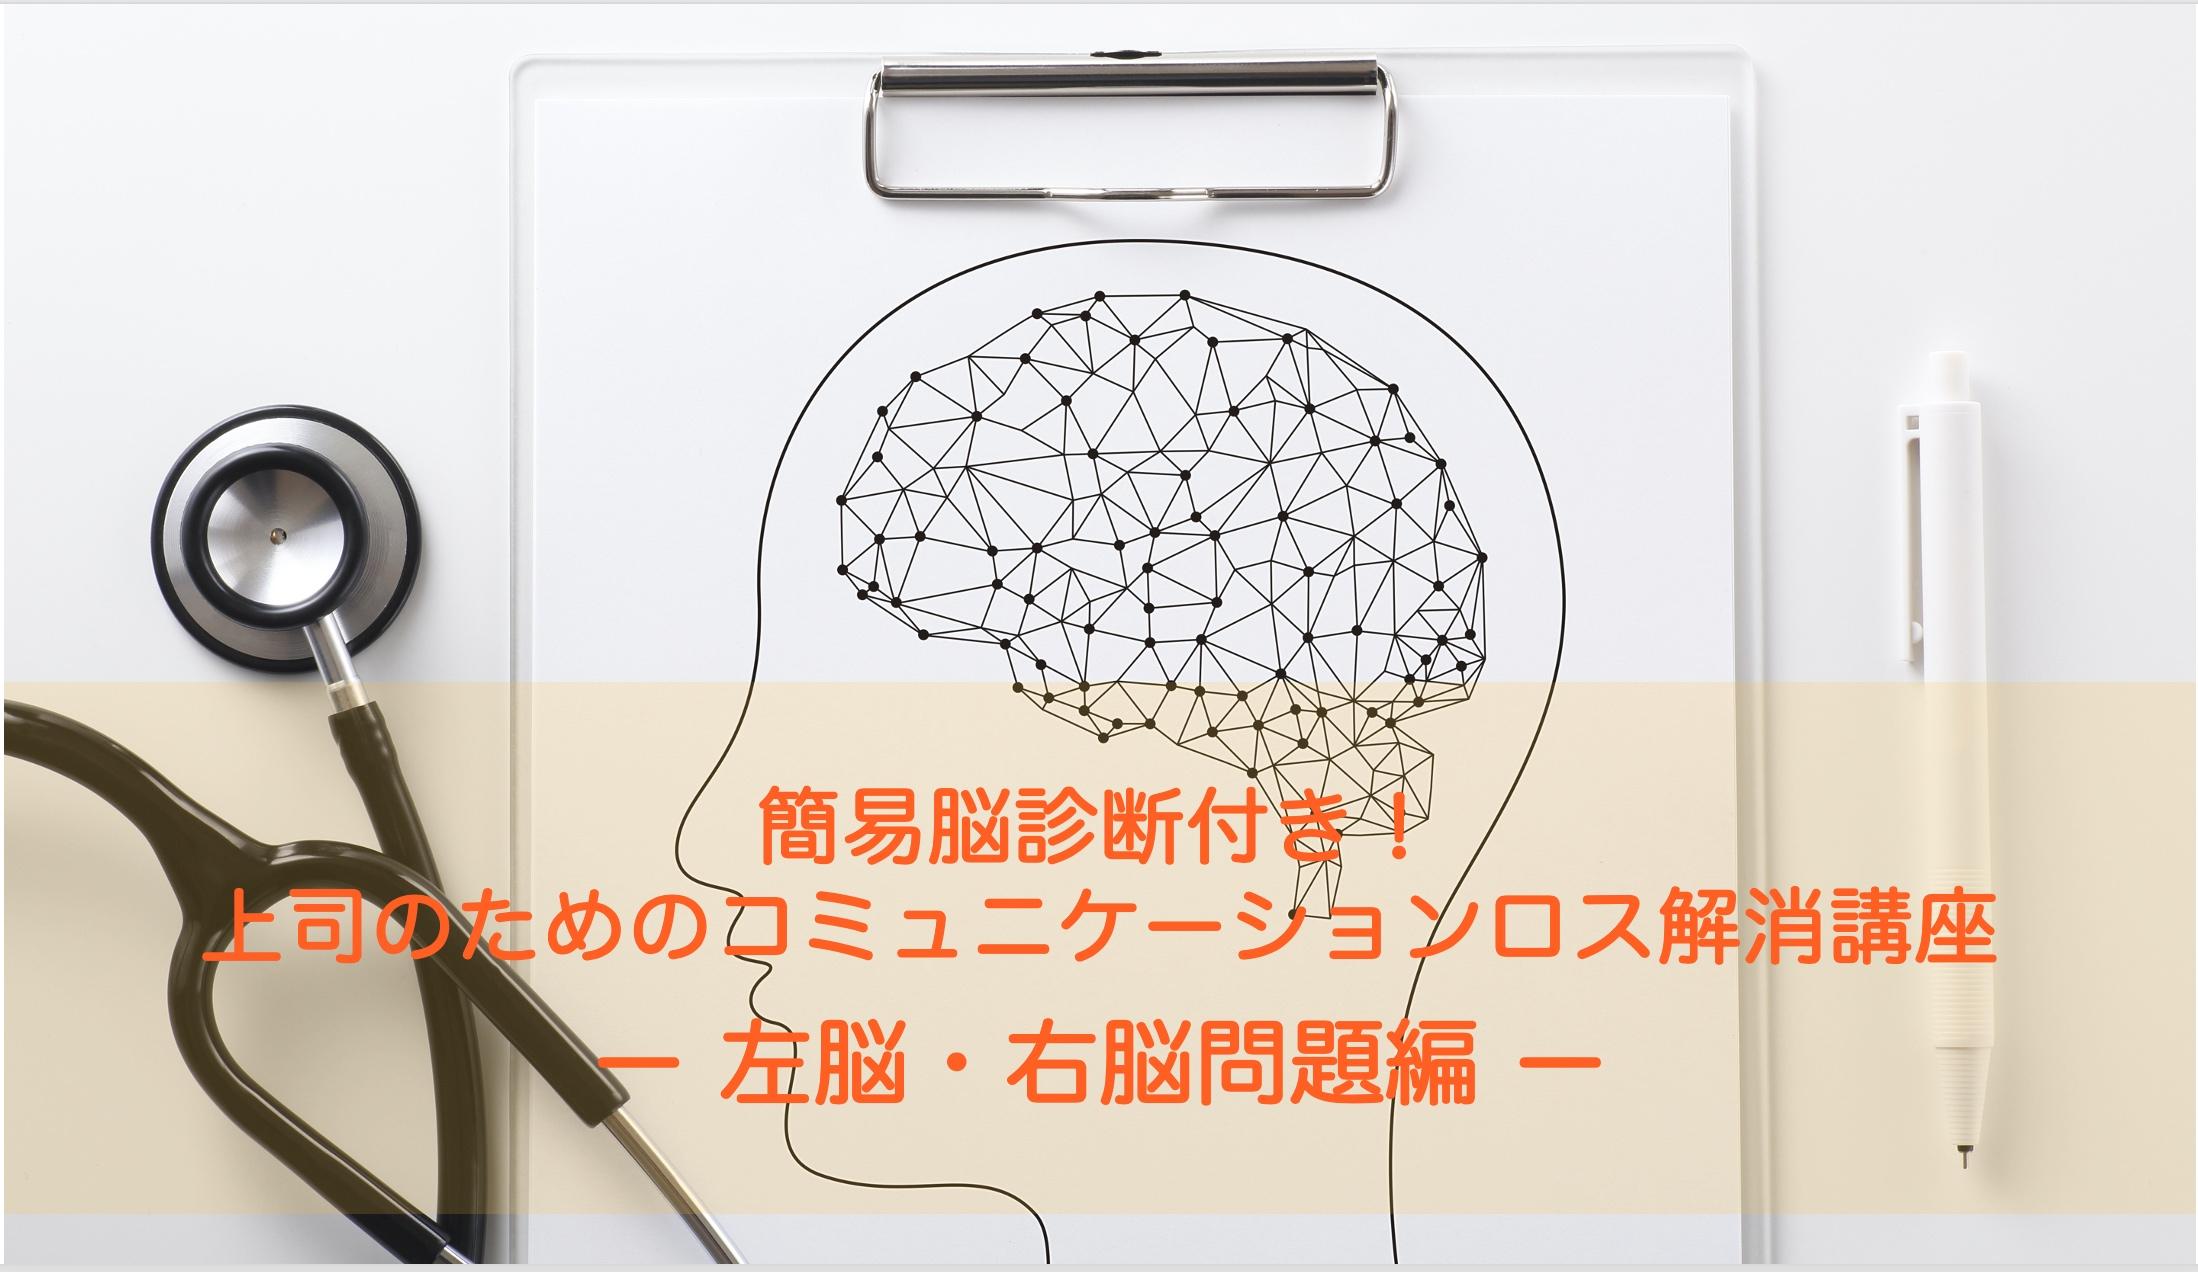 脳科学,マネジメント,右脳左脳問題